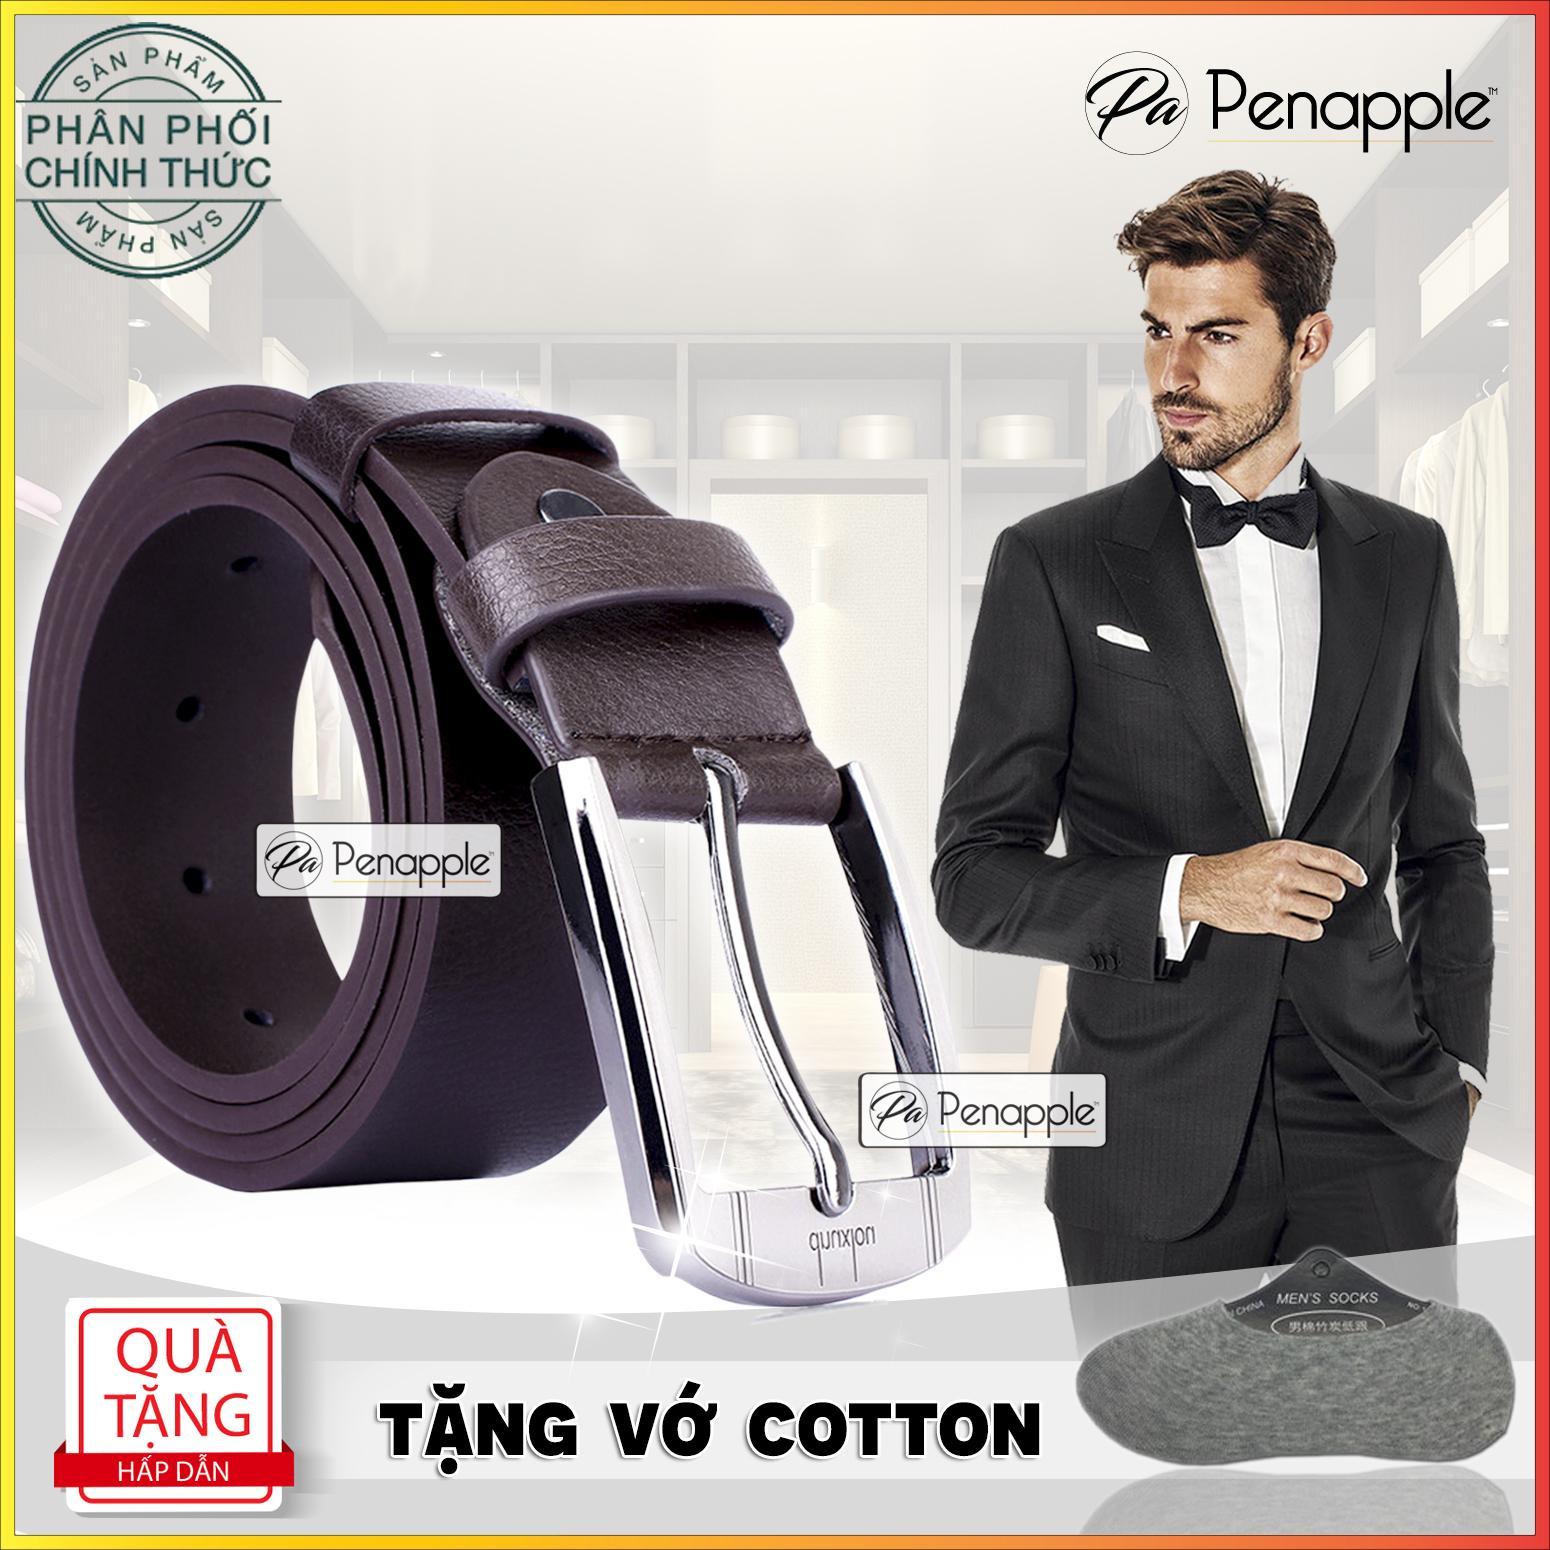 Thắt lưng nam dây nịt nam mặt cài kim móc kiểu dáng cổ điển - sản xuất tại Hồng Kông - HÃNG PHÂN PHỐI CHÍNH THỨC